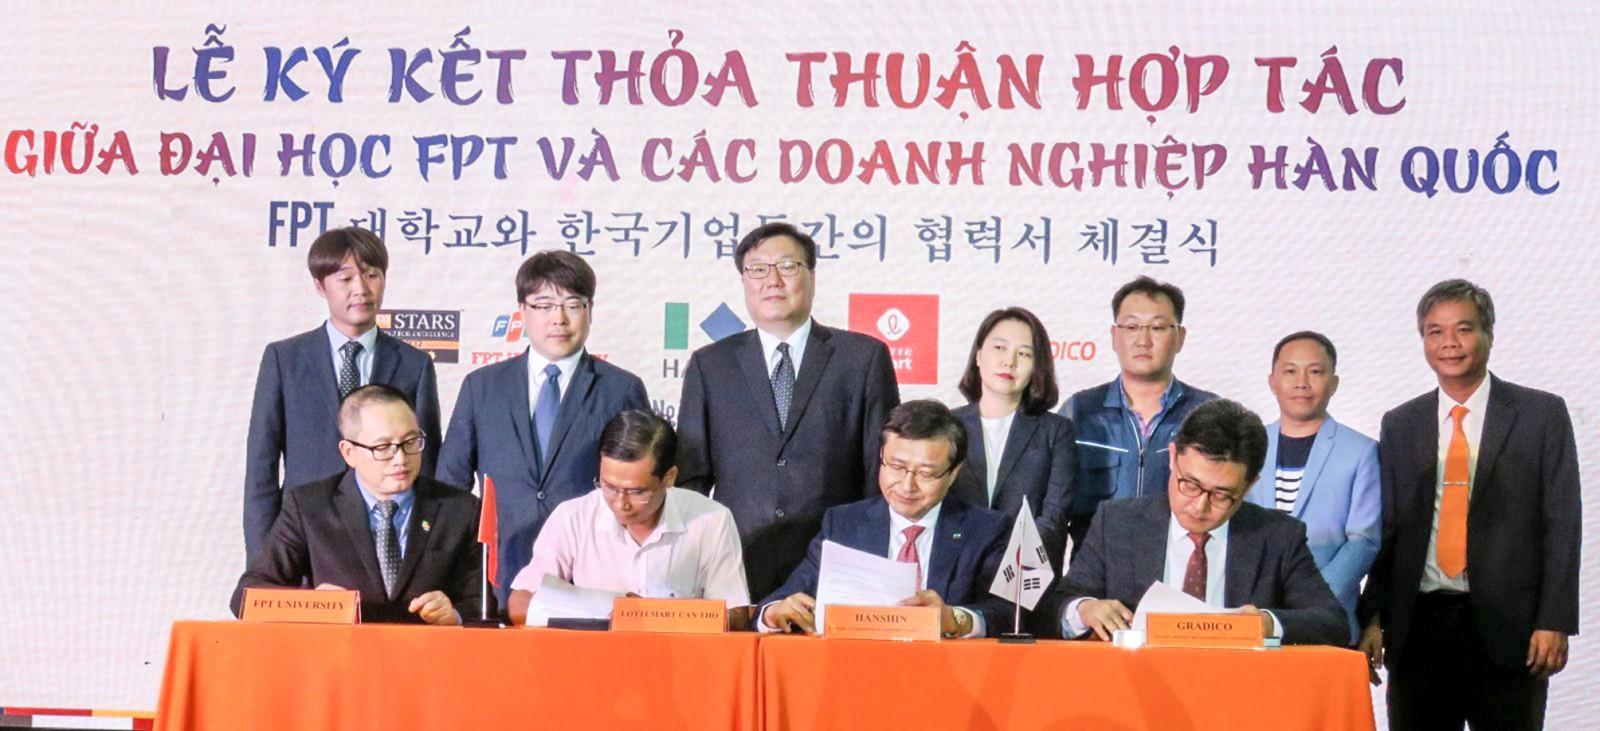 Lễ ký kết thỏa thuận hợp tác giữa Đại học FPT Cần Thơ và các doanh nghiệp Hàn Quốc.